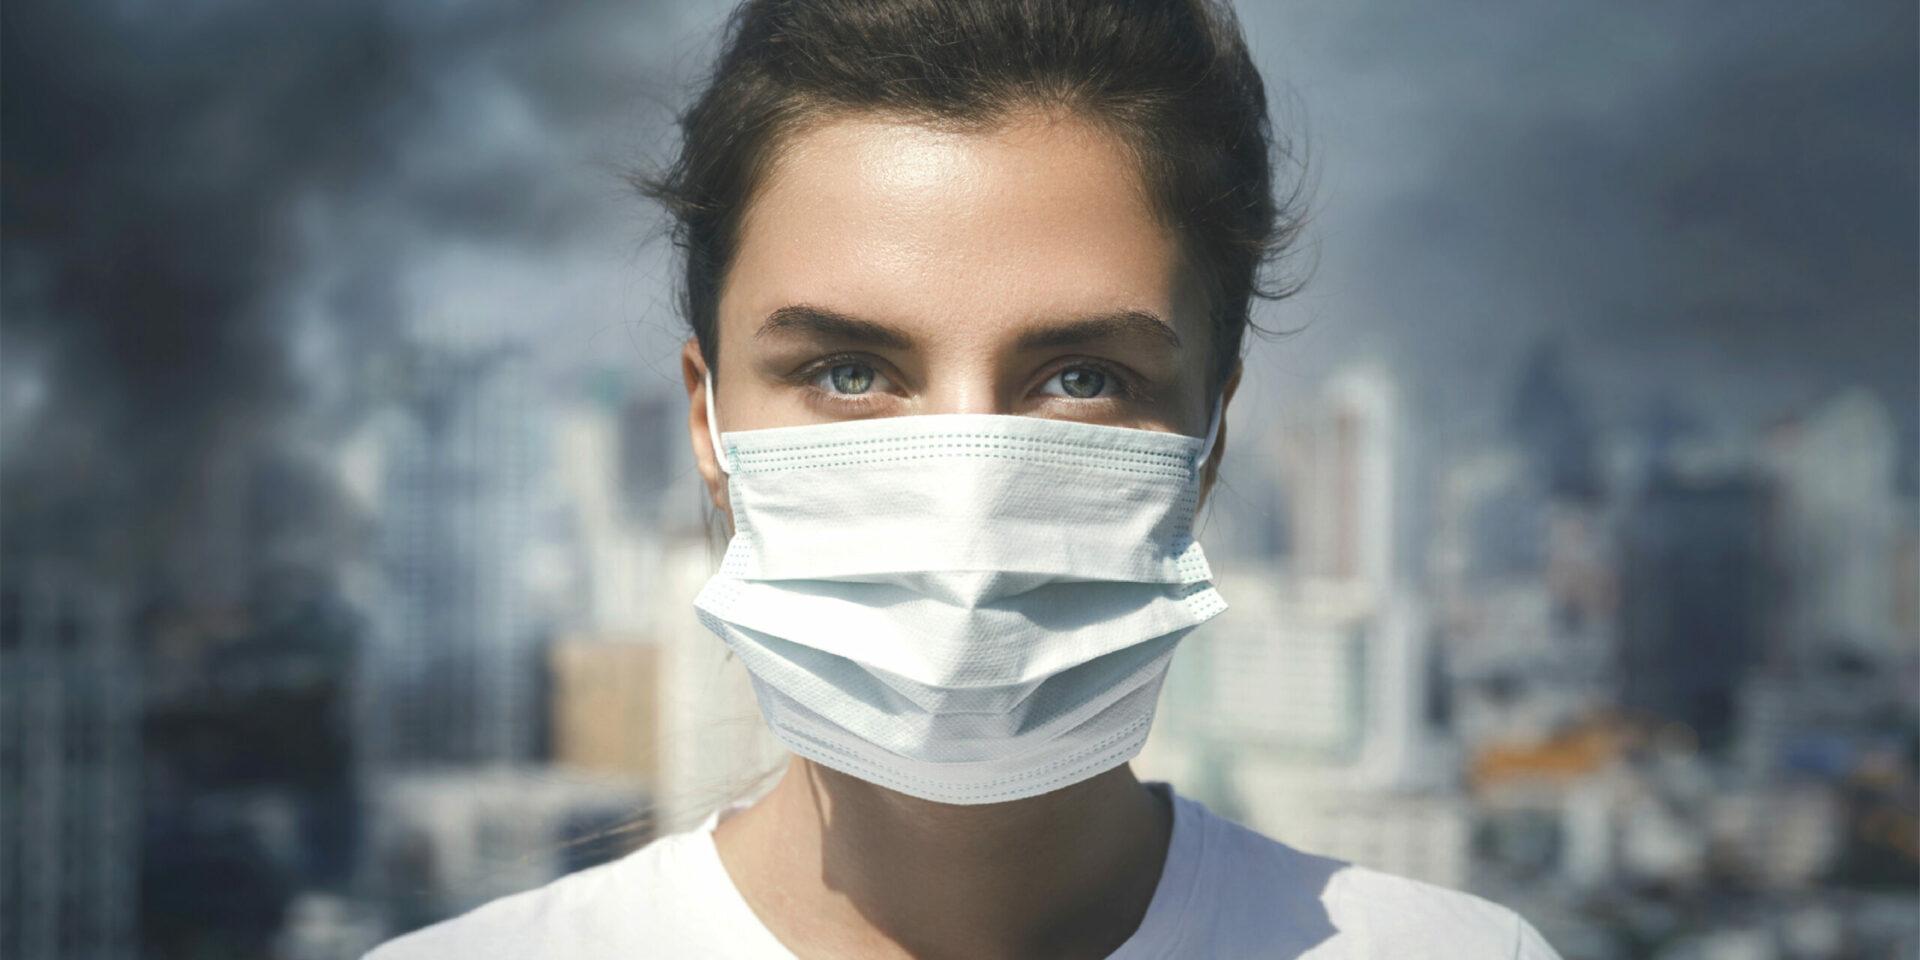 Об эпидемиологической ситуации по новой коронавирусной инфекции COVID-19 на 12.07.2021 г.